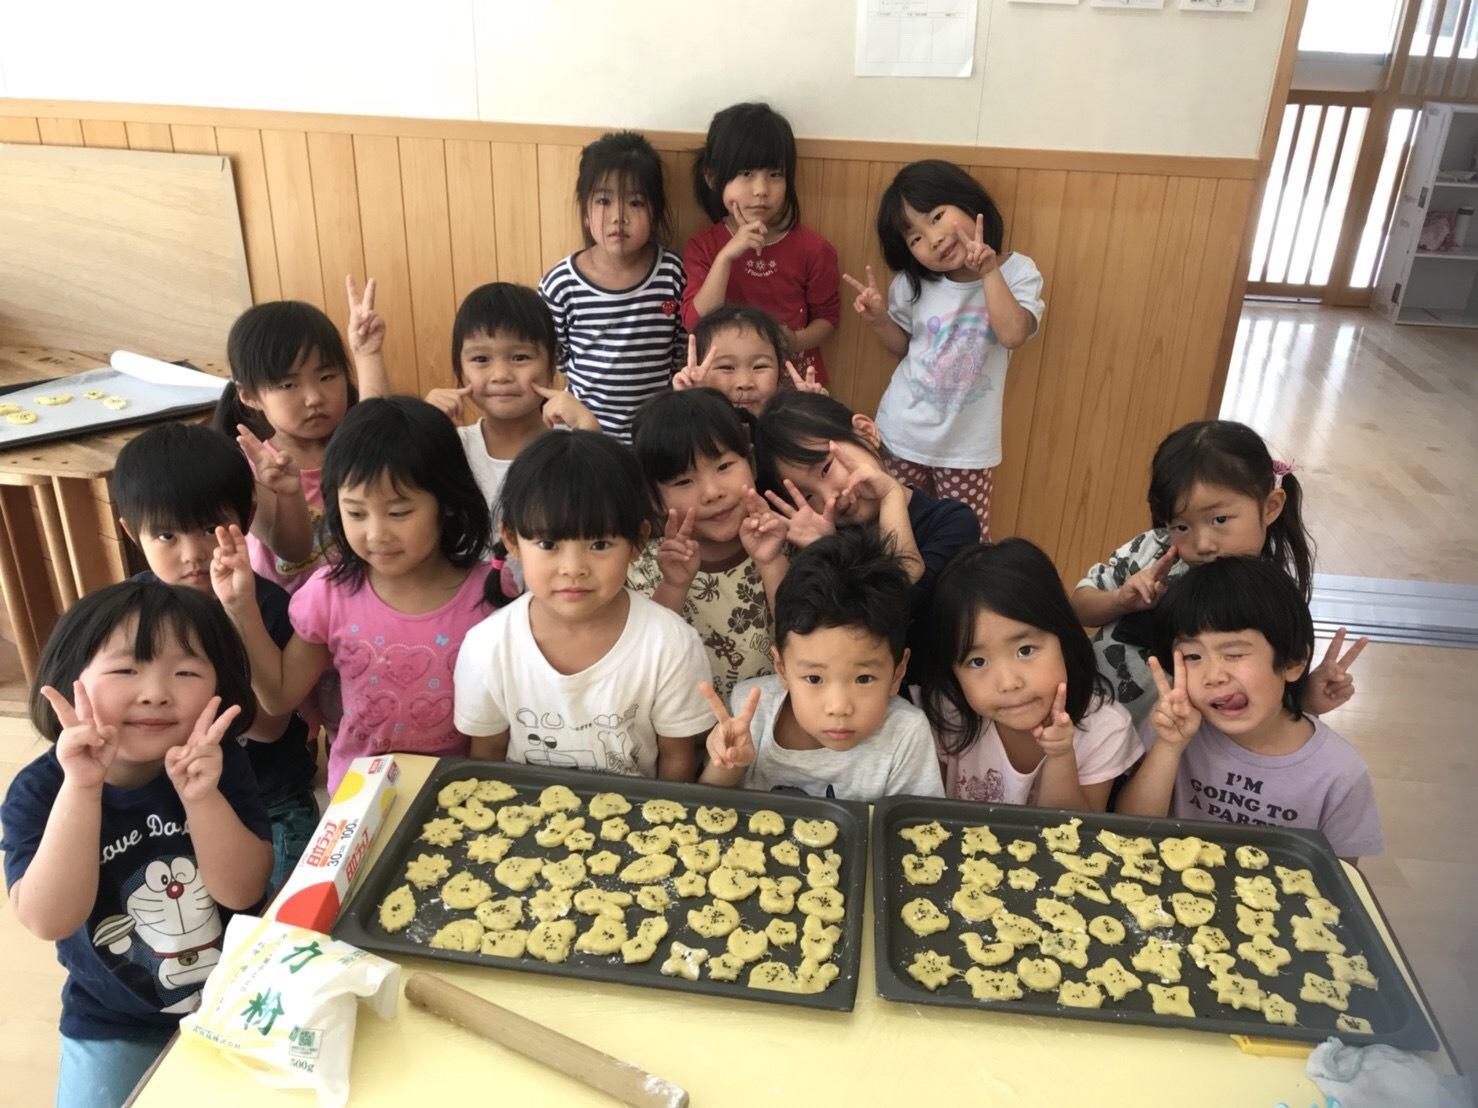 4歳児クラス、クッキーを作りました_c0151262_12535605.jpeg